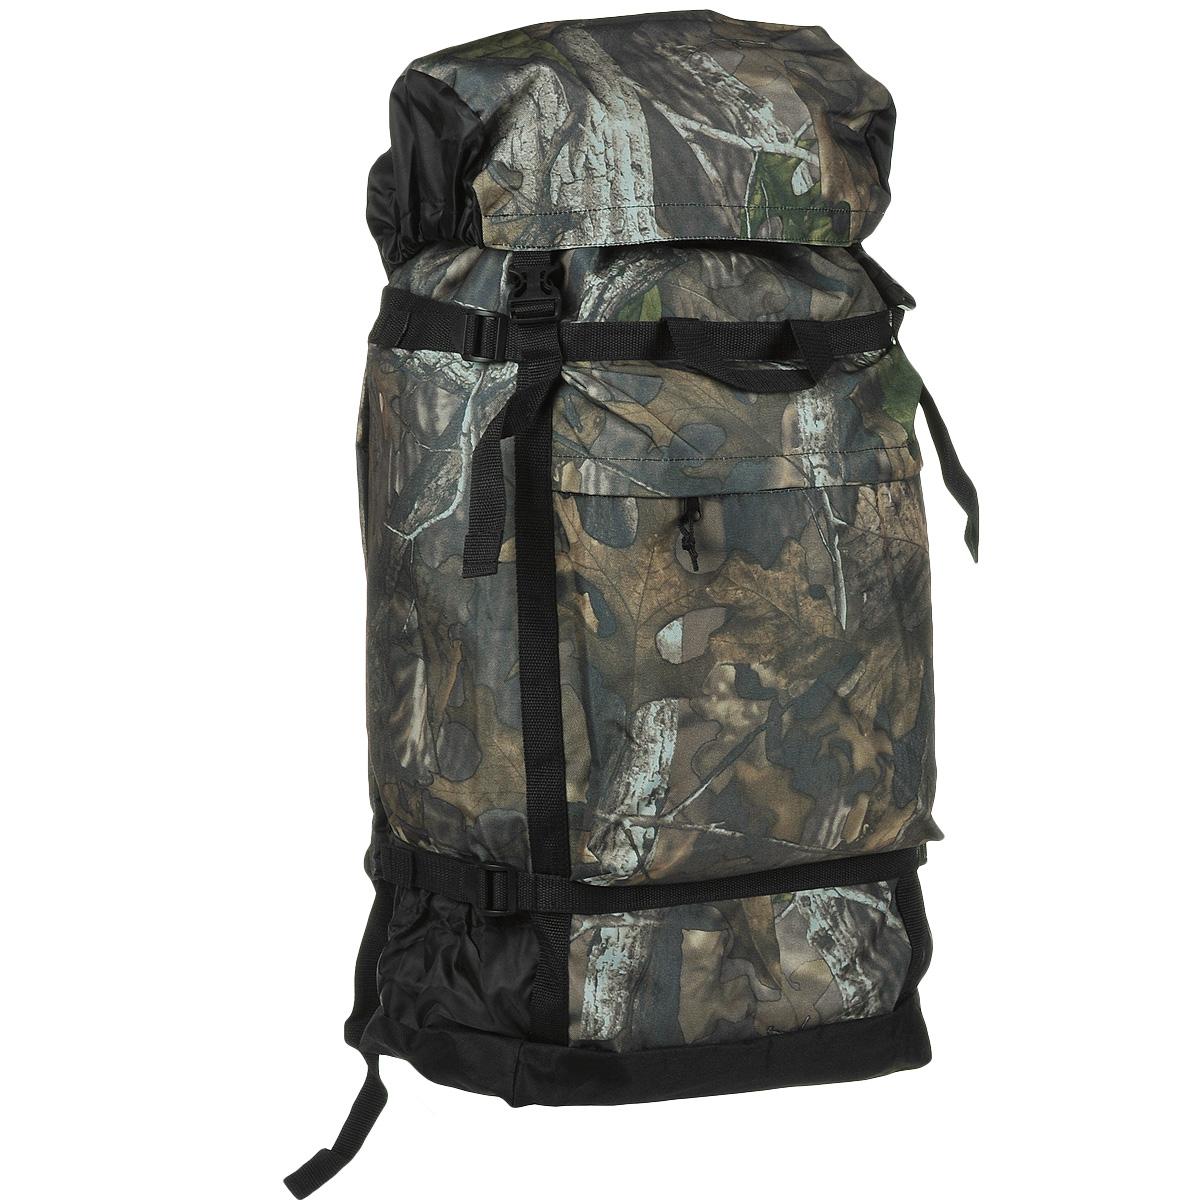 Рюкзак Huntsman Боровик, цвет: лес, 40 л рюкзак huntsman пикбастон цвет камуфляж 80 л